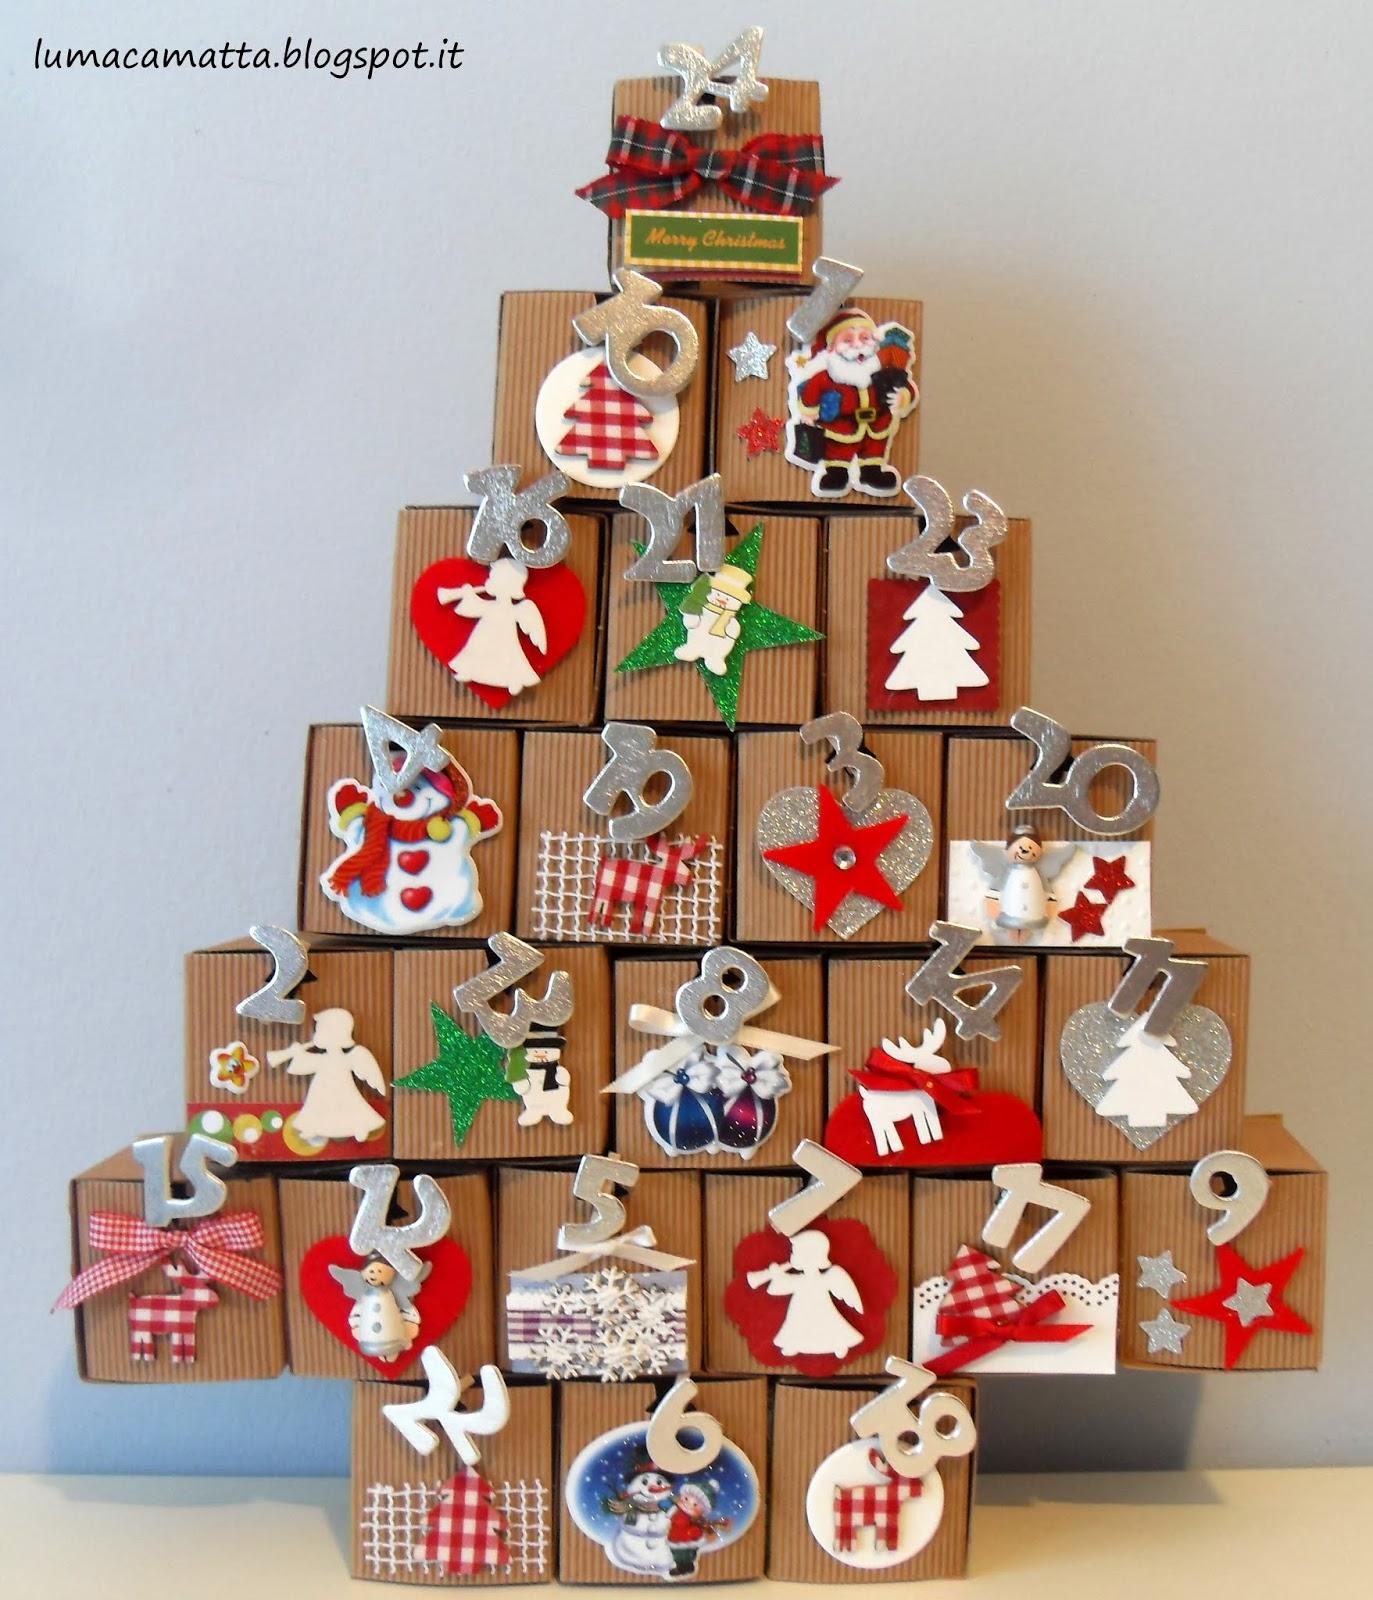 Creare Calendario Avvento.Calendario Dell Avvento Tante Idee Handmade Da Mamma A Mamma